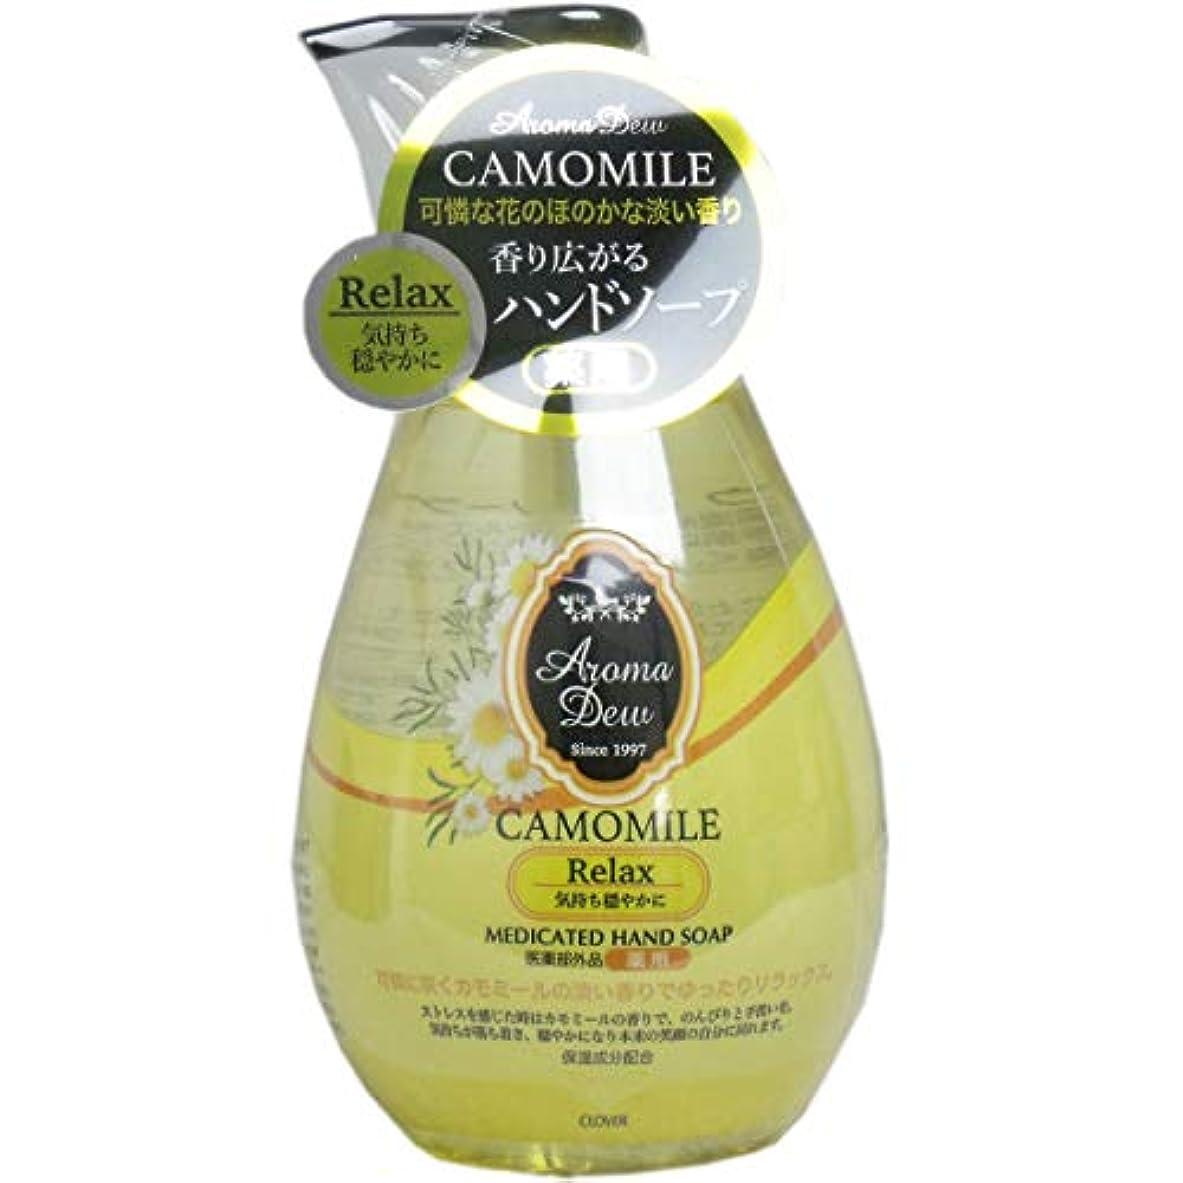 ポーズどきどきマラドロイト薬用アロマデュウ ハンドソープ カモミールの香り 260mL×2個セット